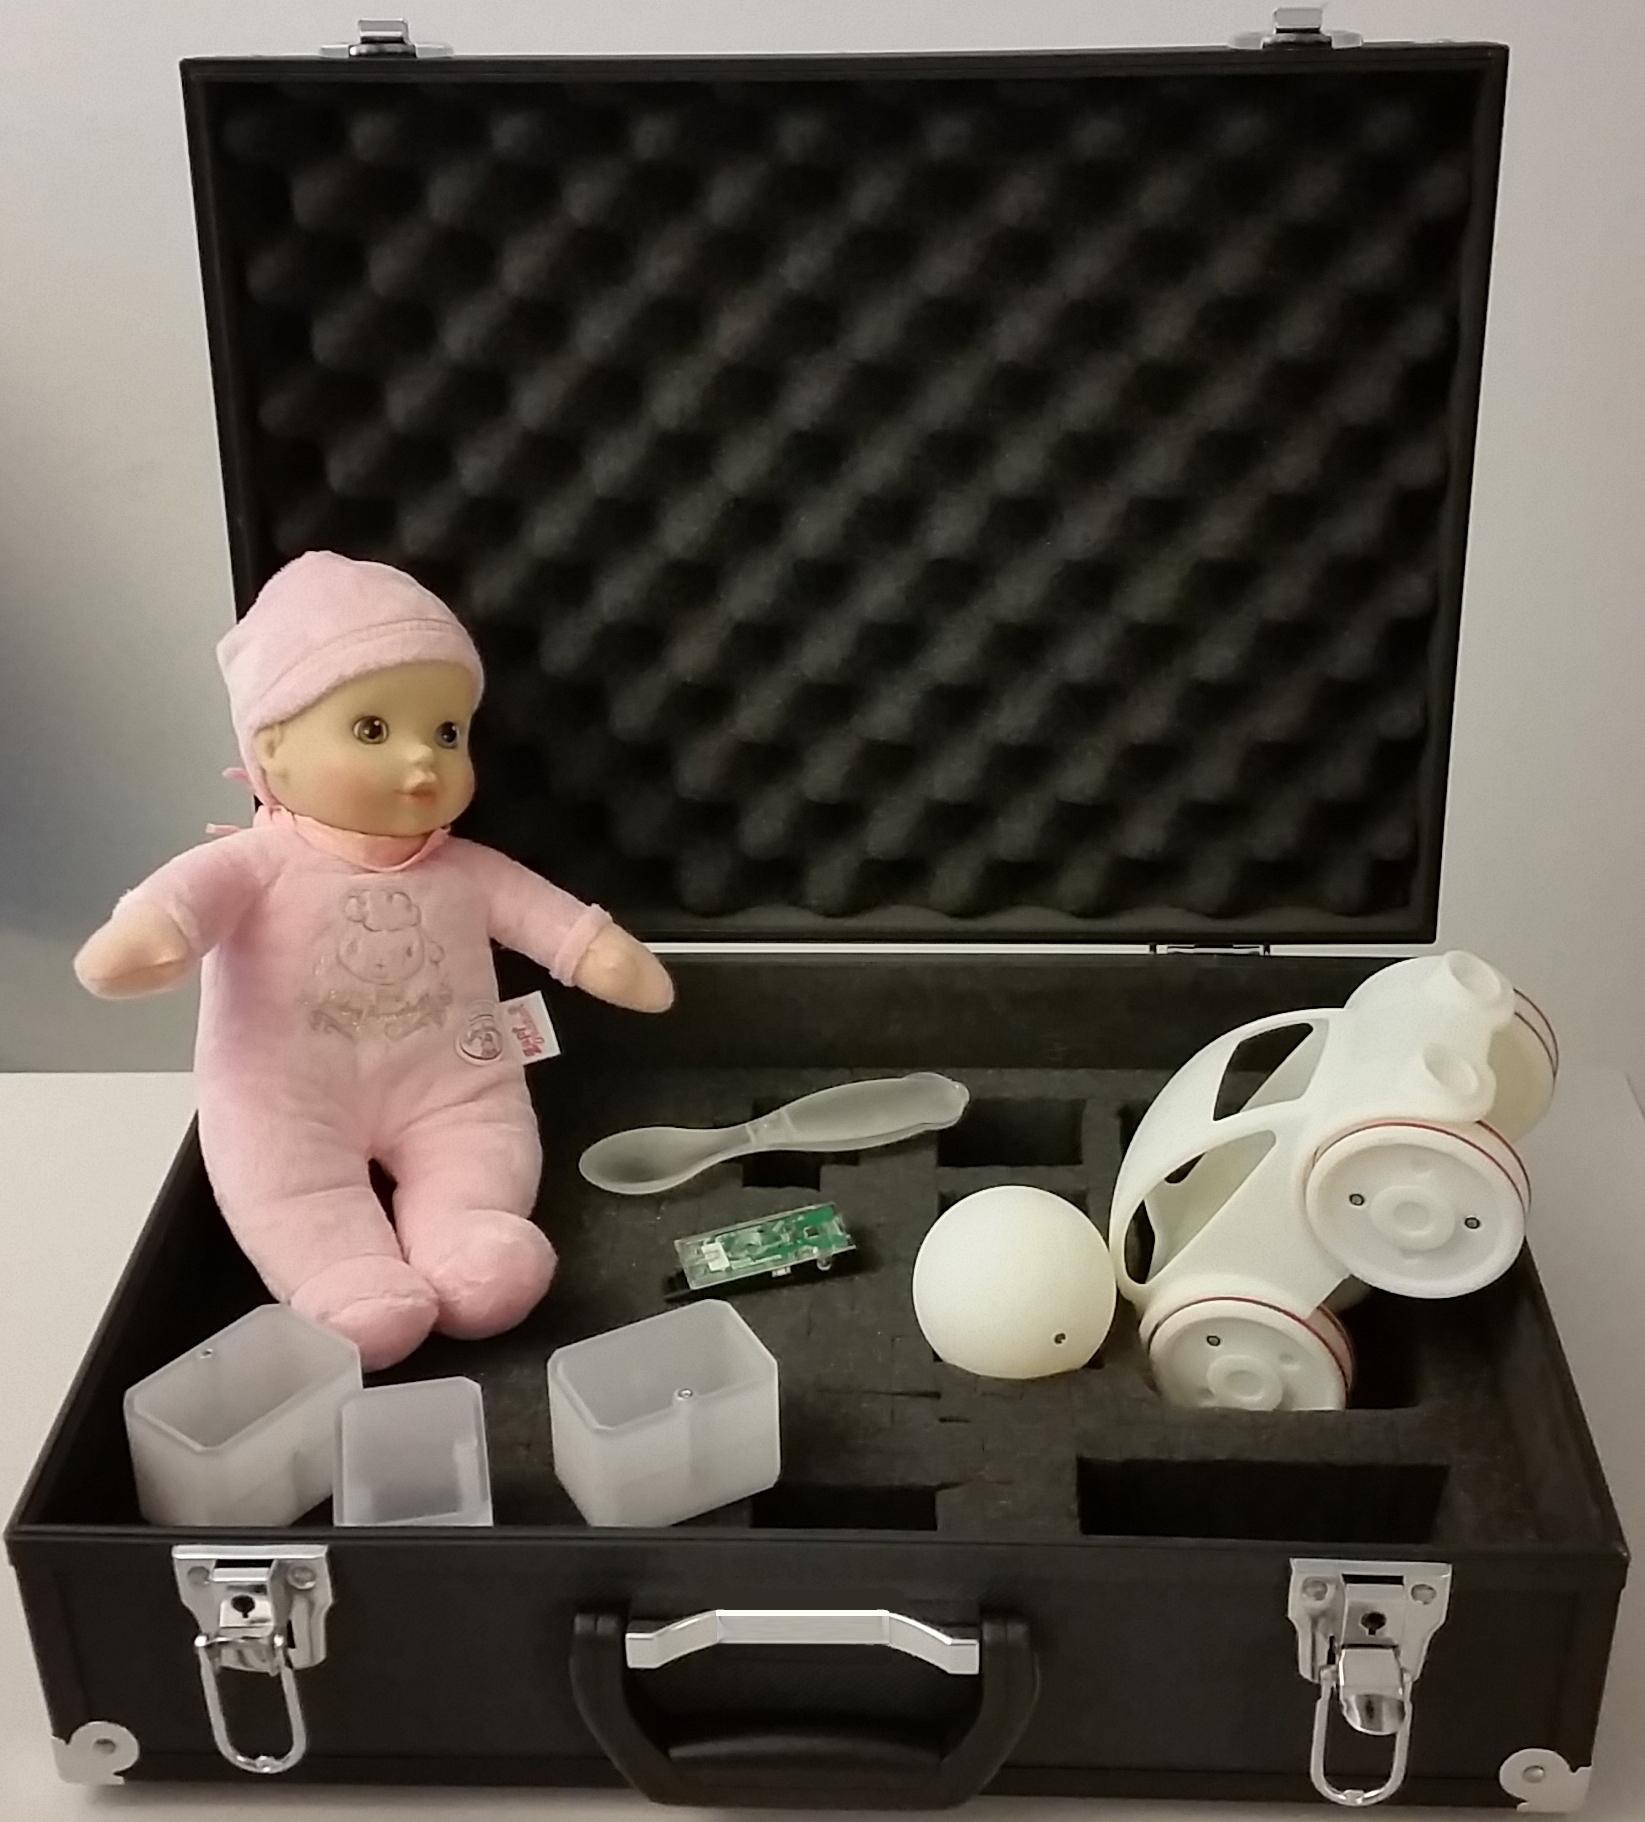 Spielzeug soll helfen, Autismus zu diagnostizieren